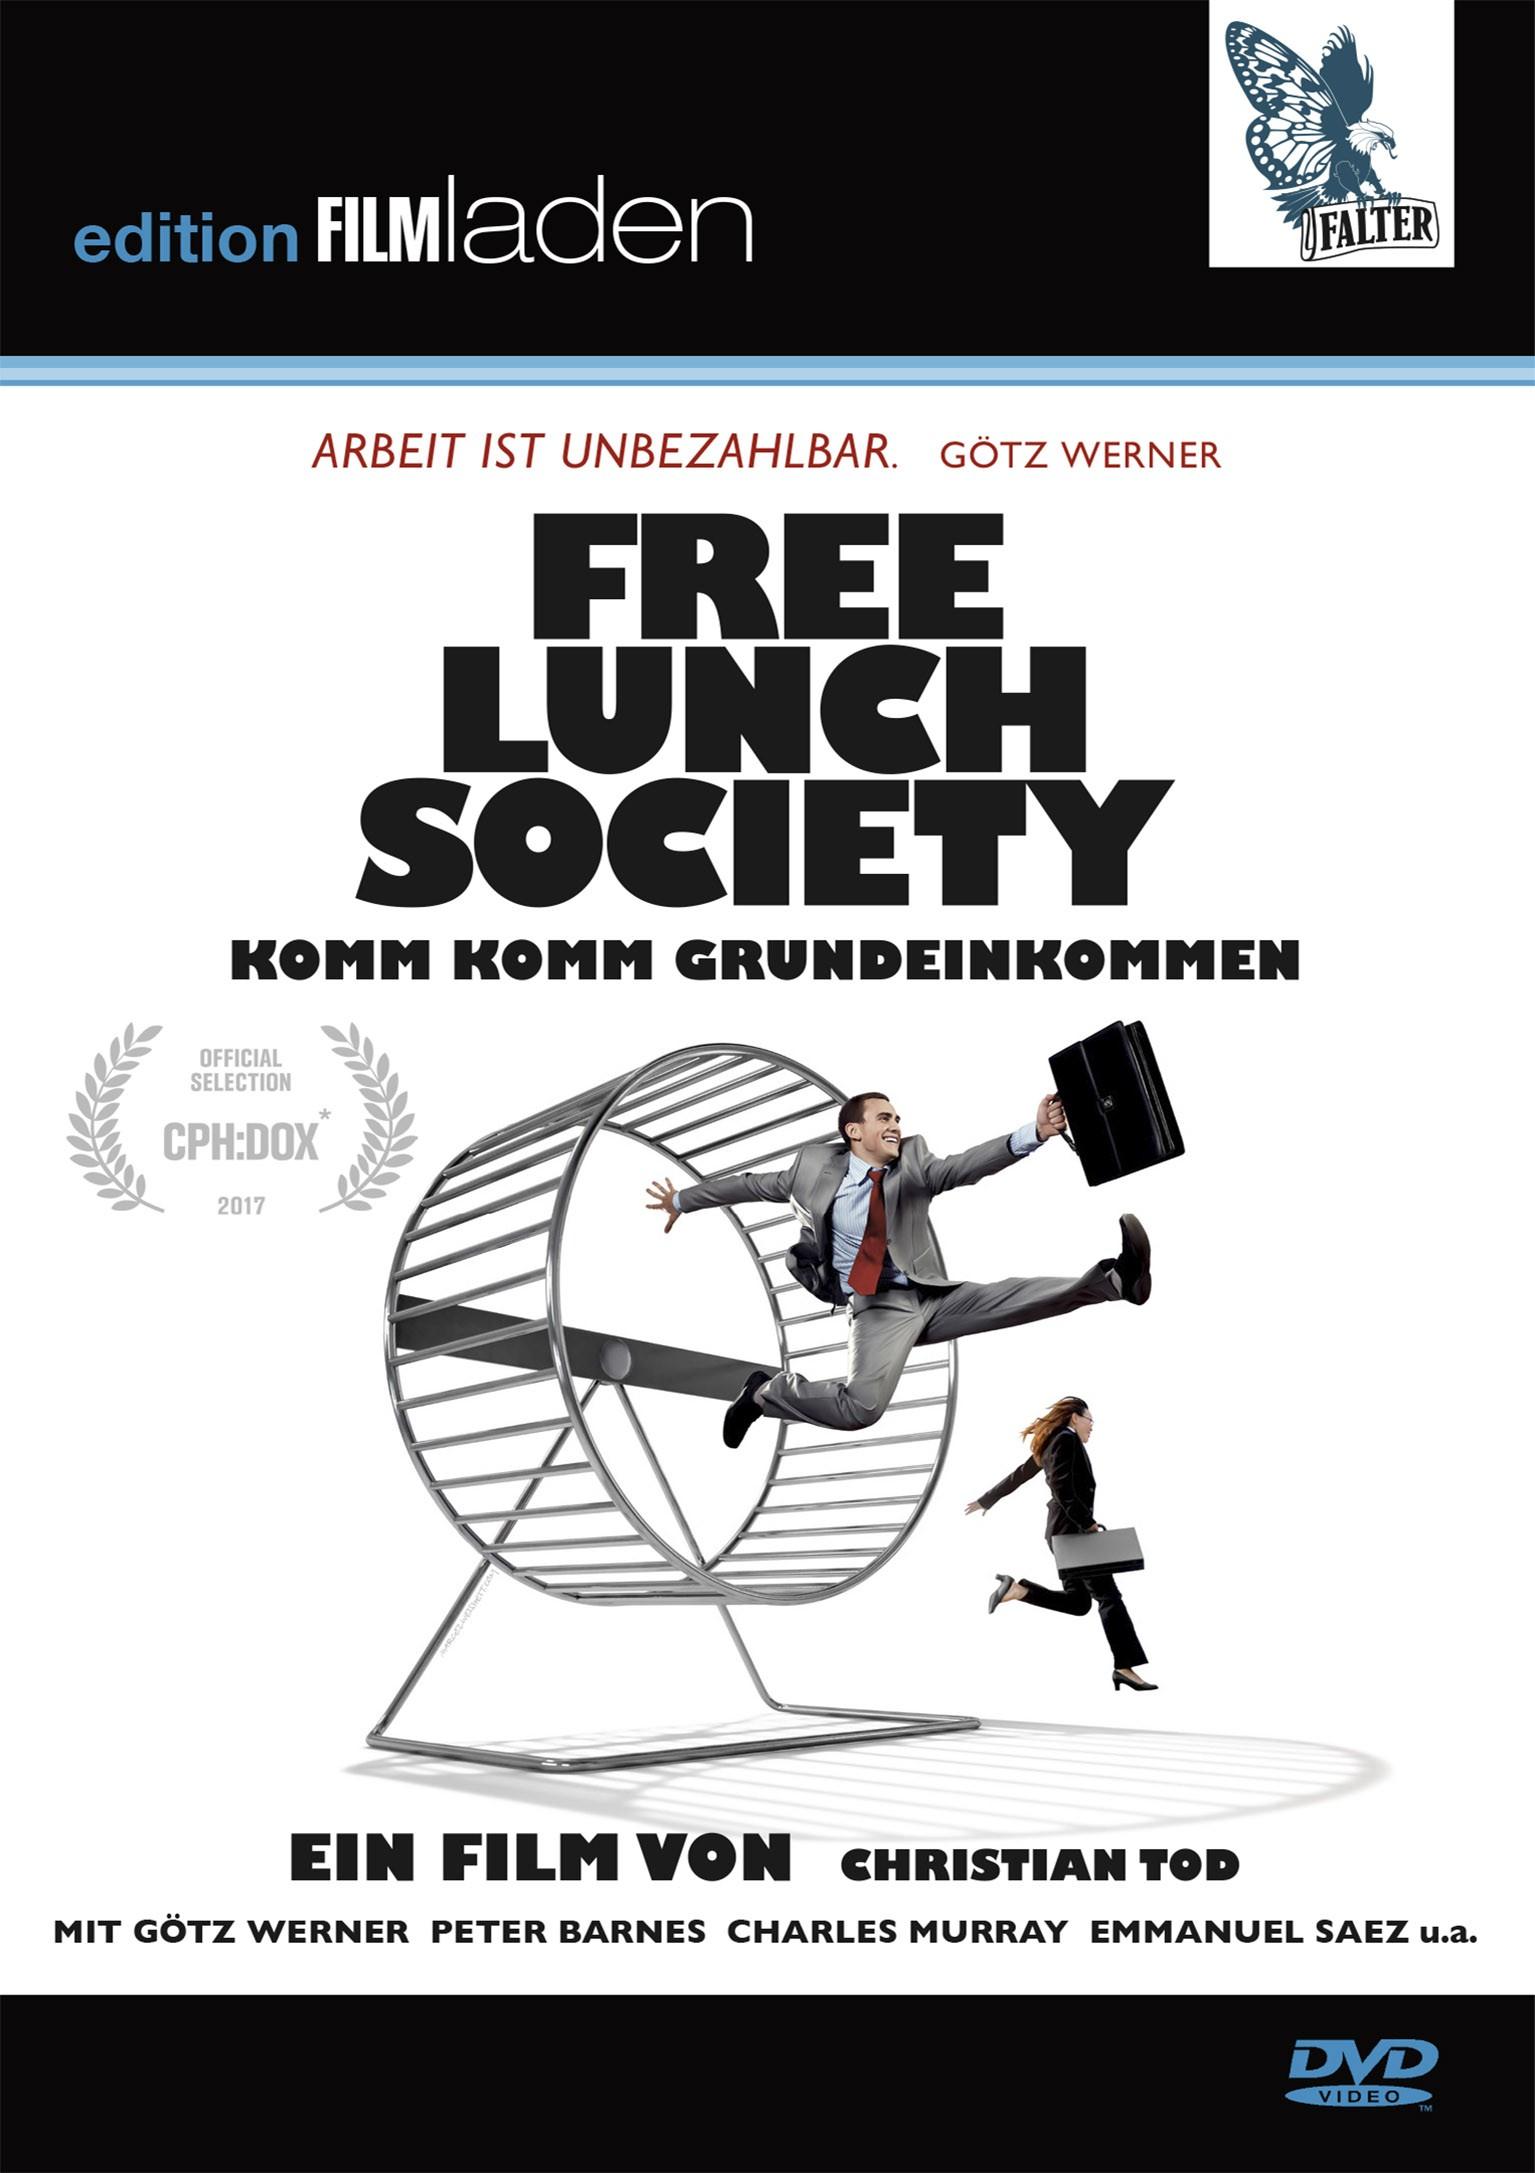 gratis Doku: Free Lunch Society - Komm Komm Grundeinkommen